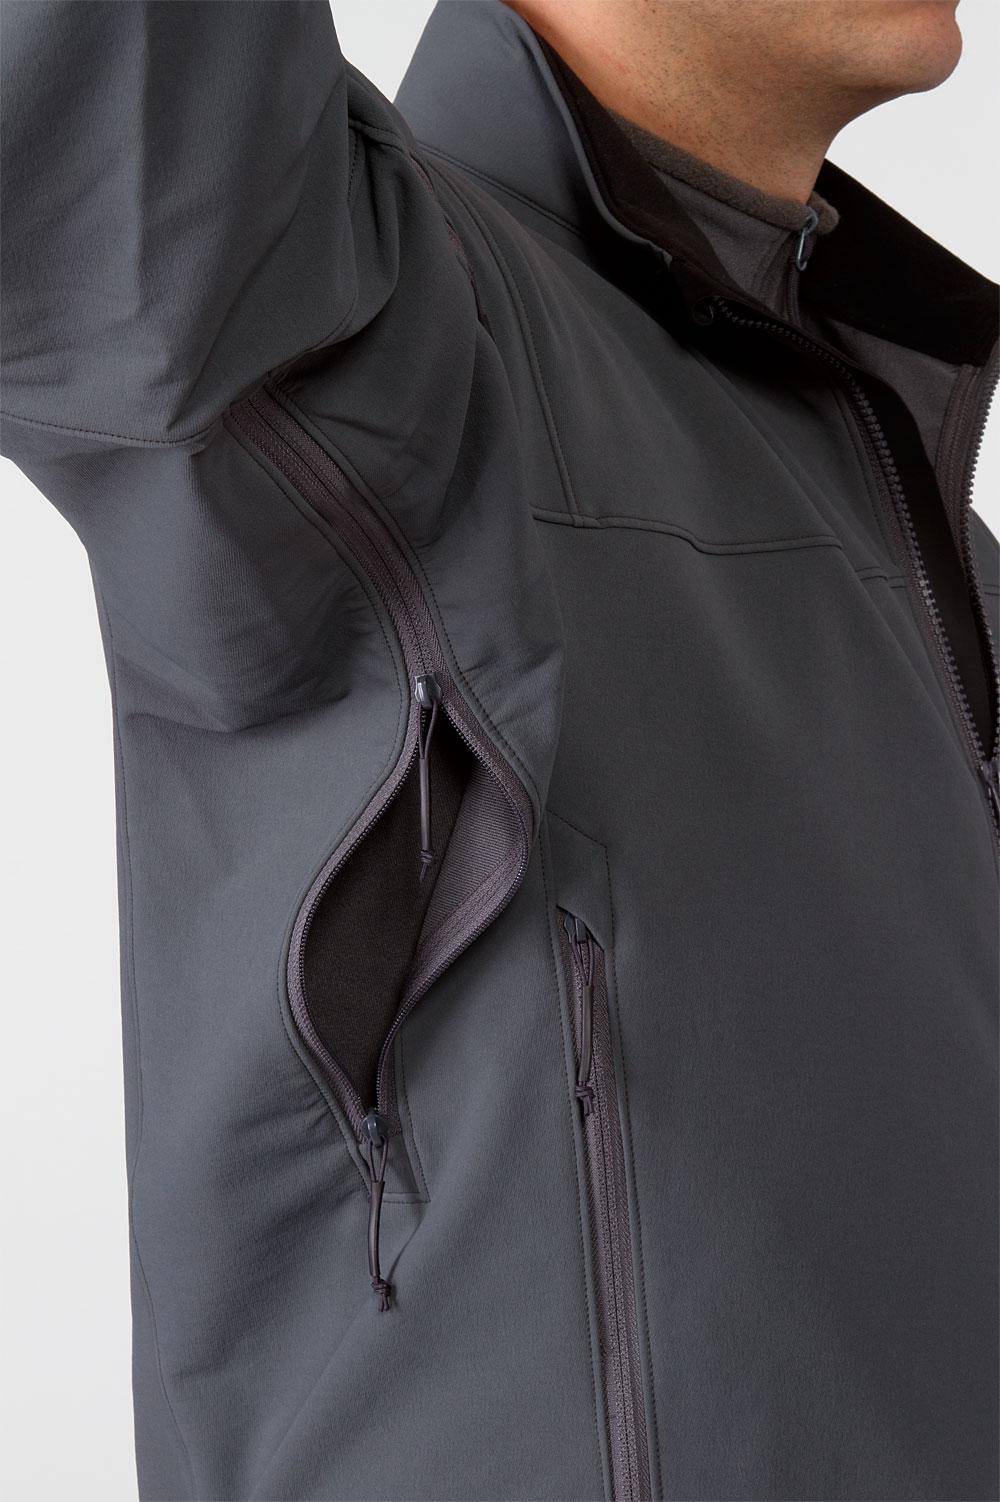 Arc Teryx Leaf Drac Jacket Tactical Kit